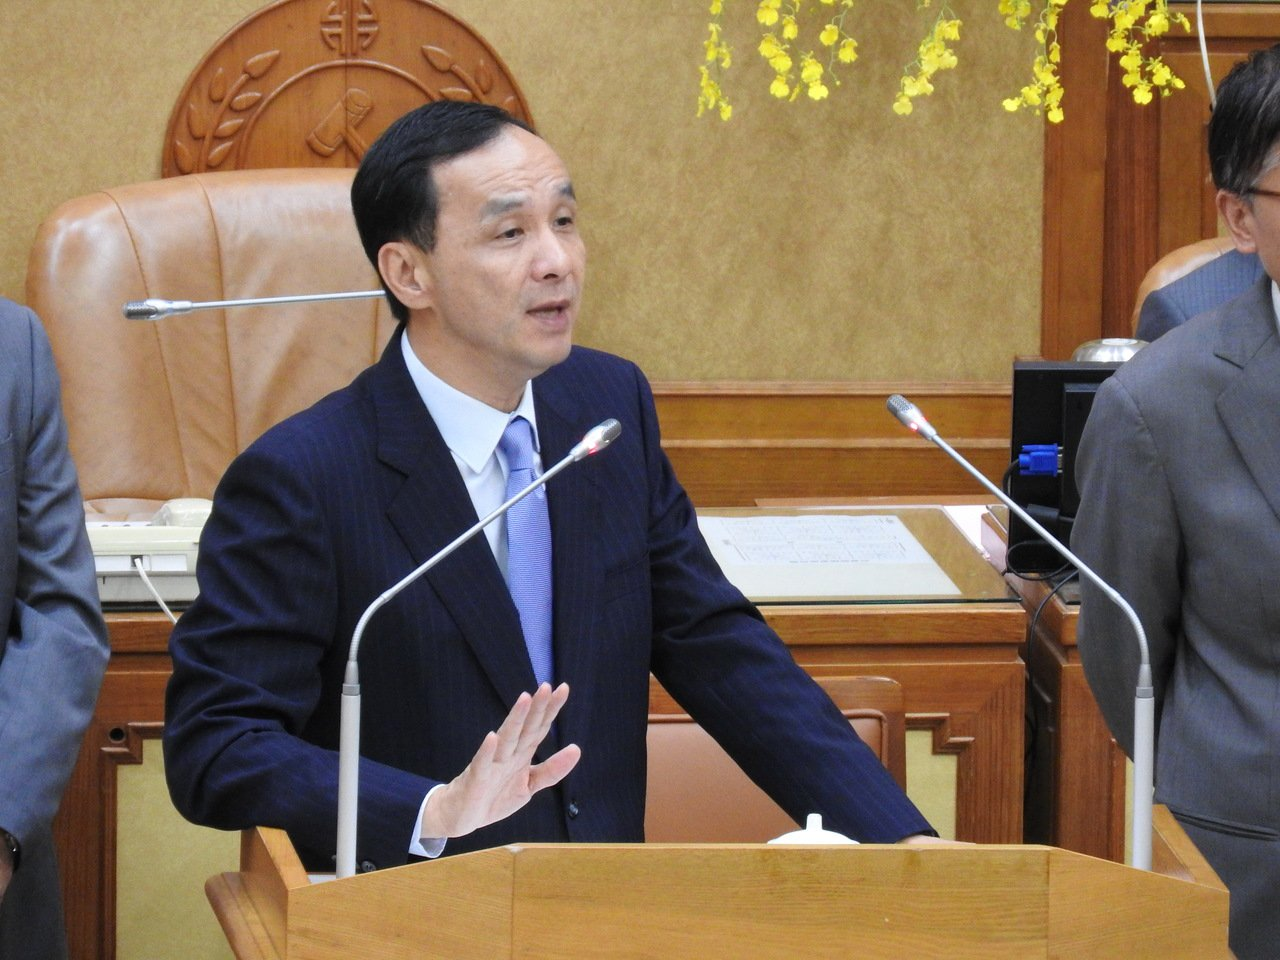 新北市長朱立倫表示,公務人員涉貪遭起訴比例,經統計全國平均約為0.18%,新北市...